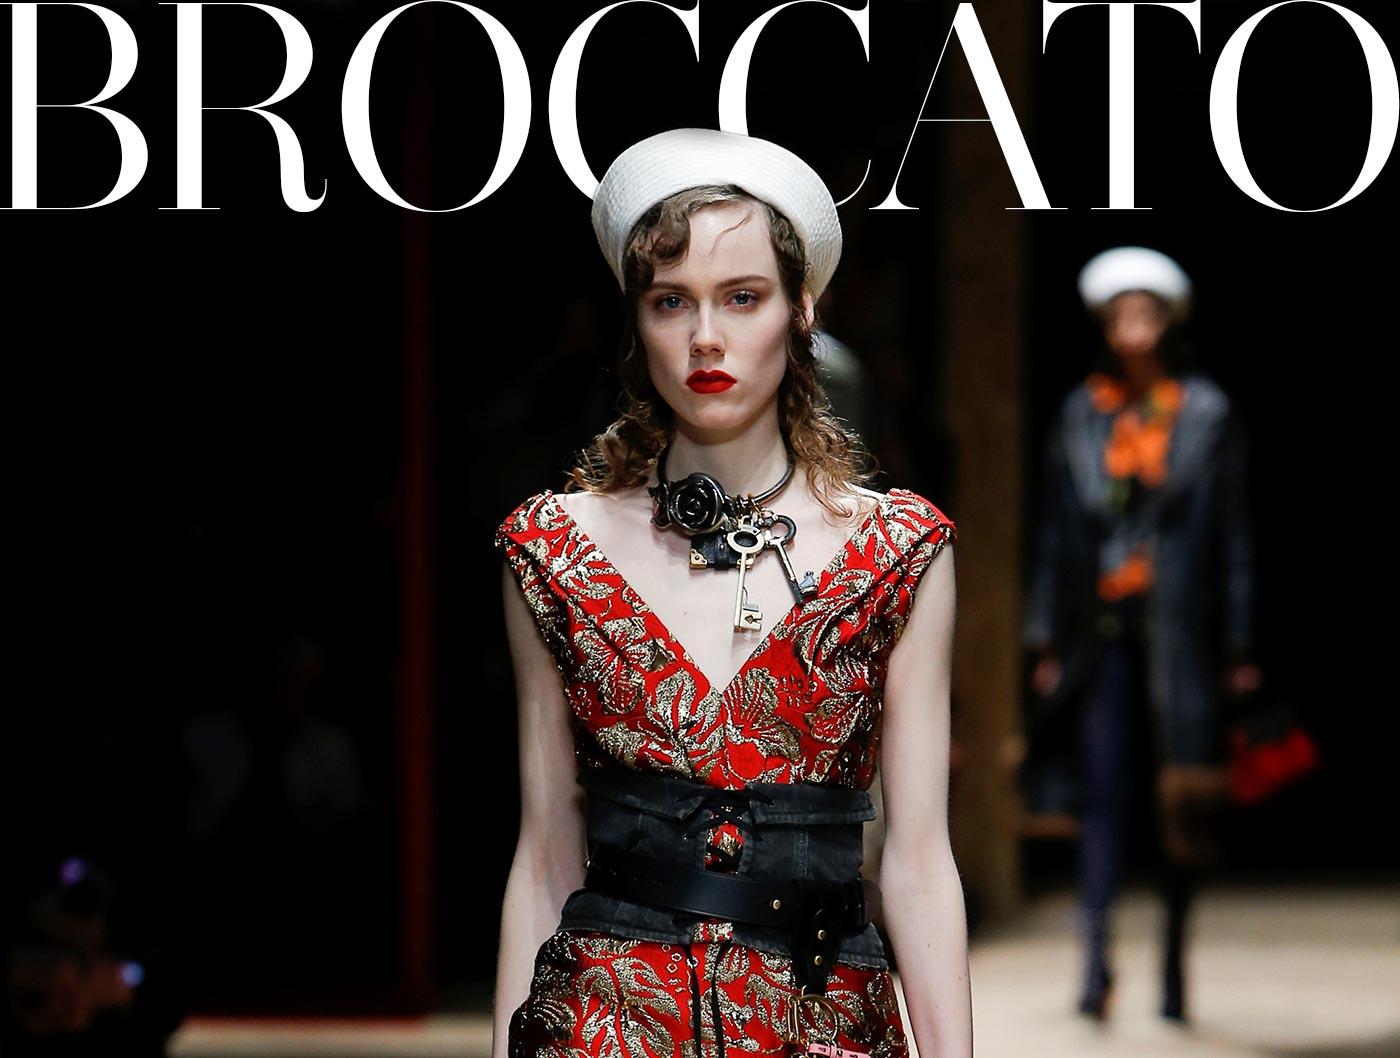 Broccato: simbolo di eleganza per le grandi maison dell'haute couture